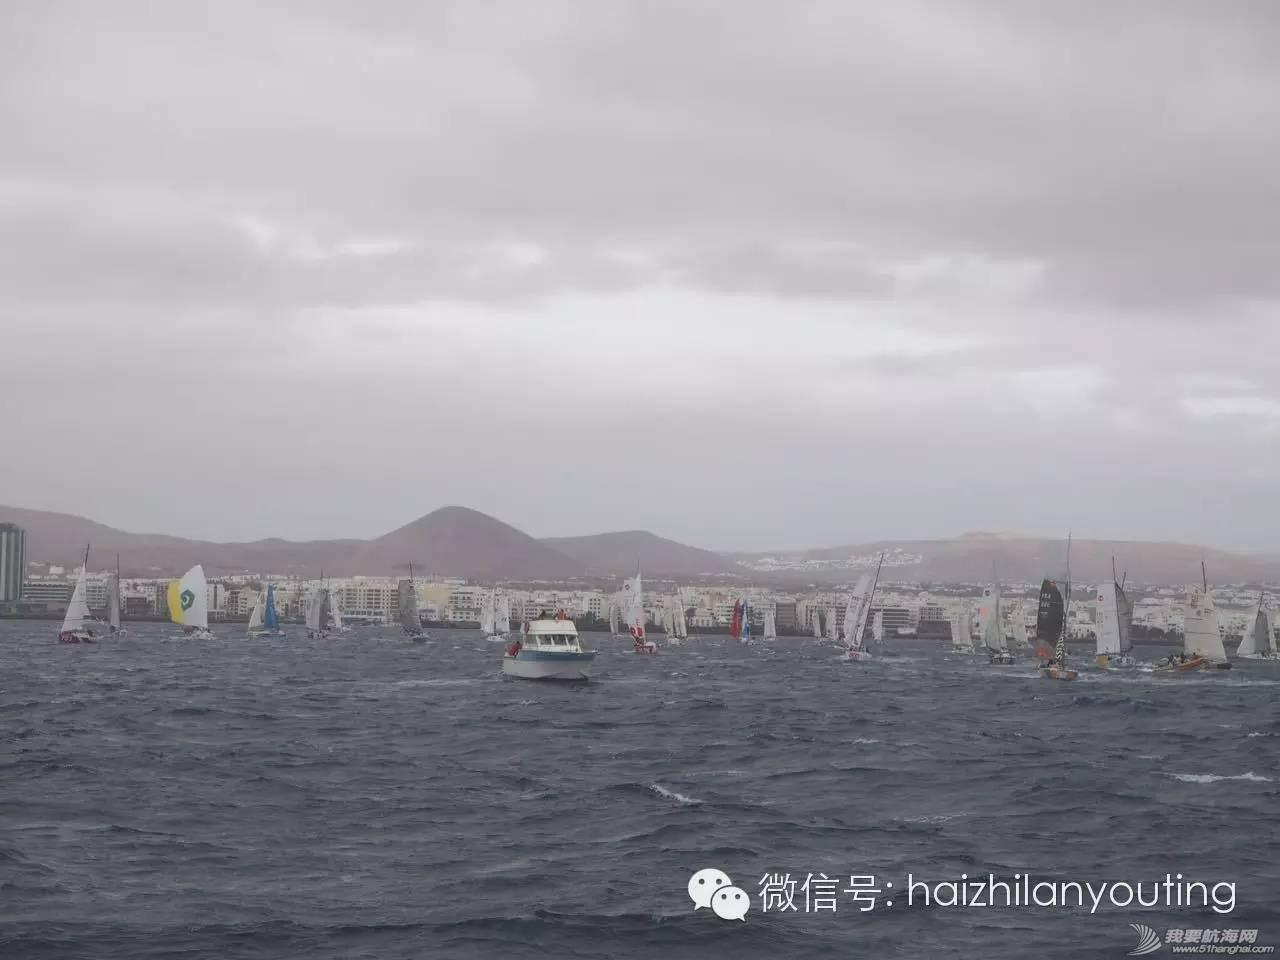 大西洋,中国海,朋友,决战 京坤在MINI TRANSAT | Mini transat第二赛段起航,决战大西洋 d2c6257f3fec66895c77339fd483a7d4.jpg